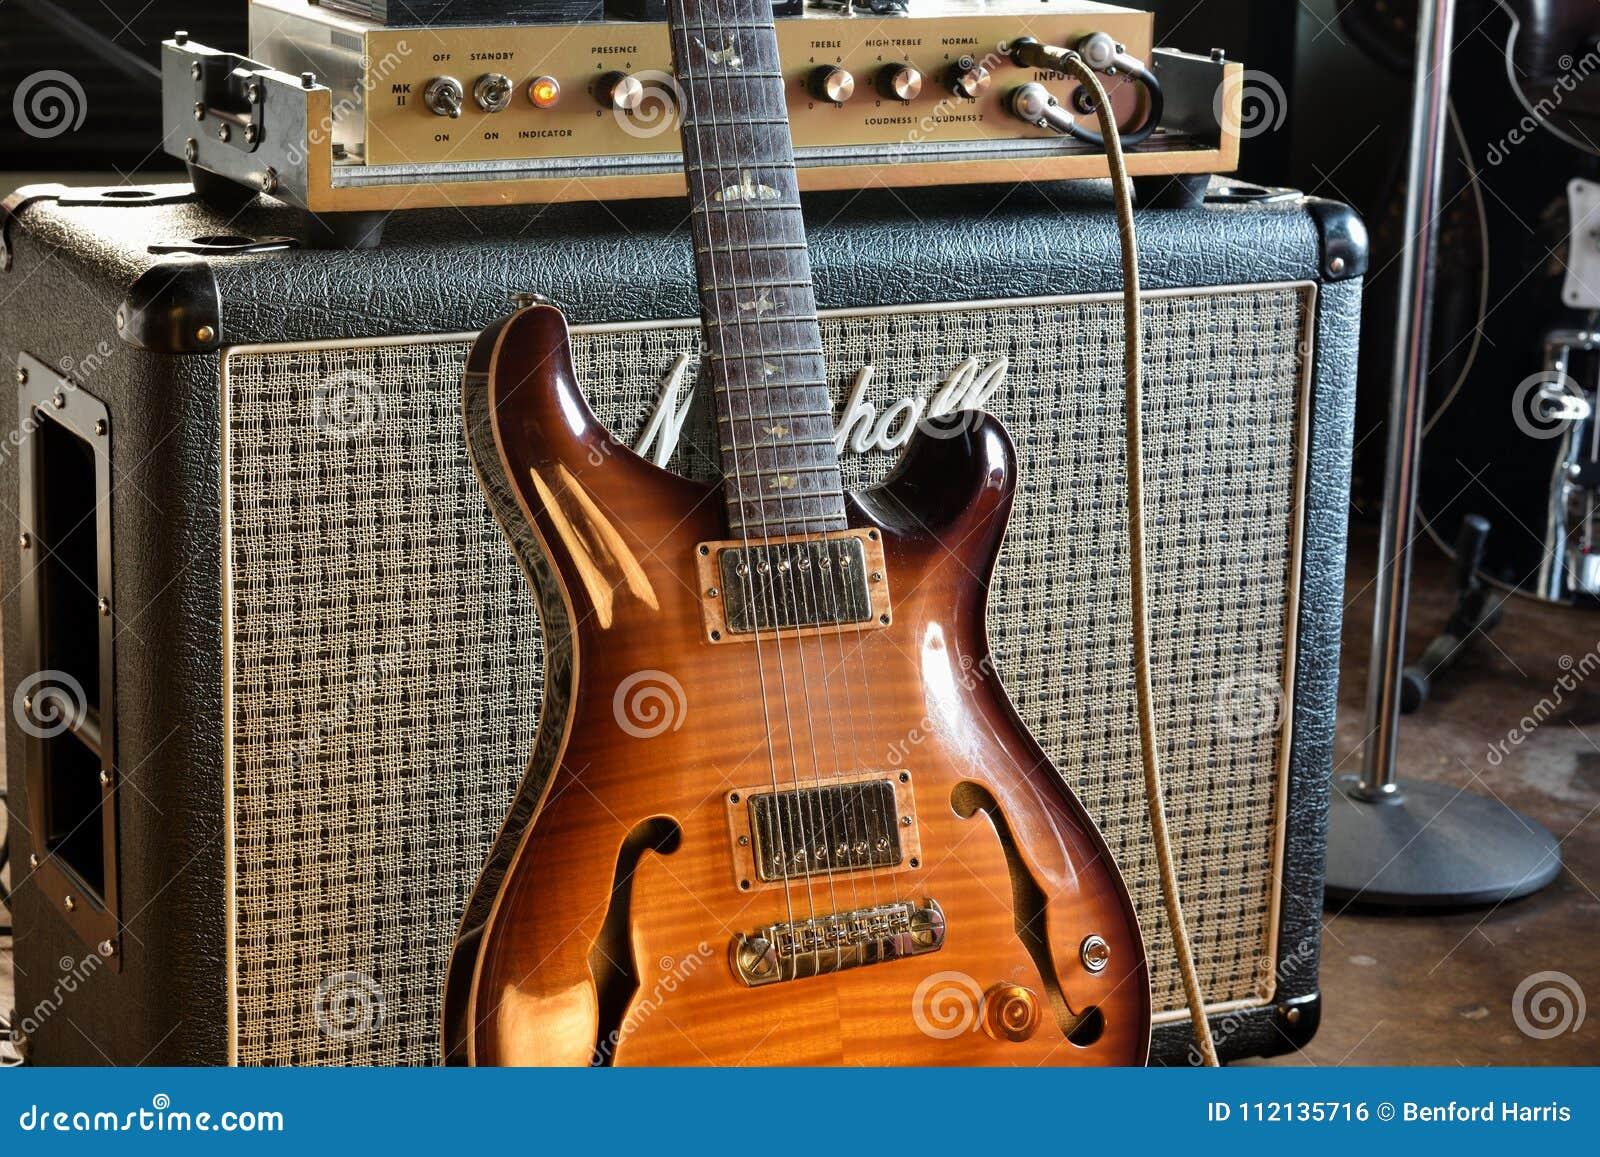 Εκλεκτής ποιότητας ημι ηλεκτρική κιθάρα Hollowbody με Amp σωλήνων τη φωτογραφία αποθεμάτων